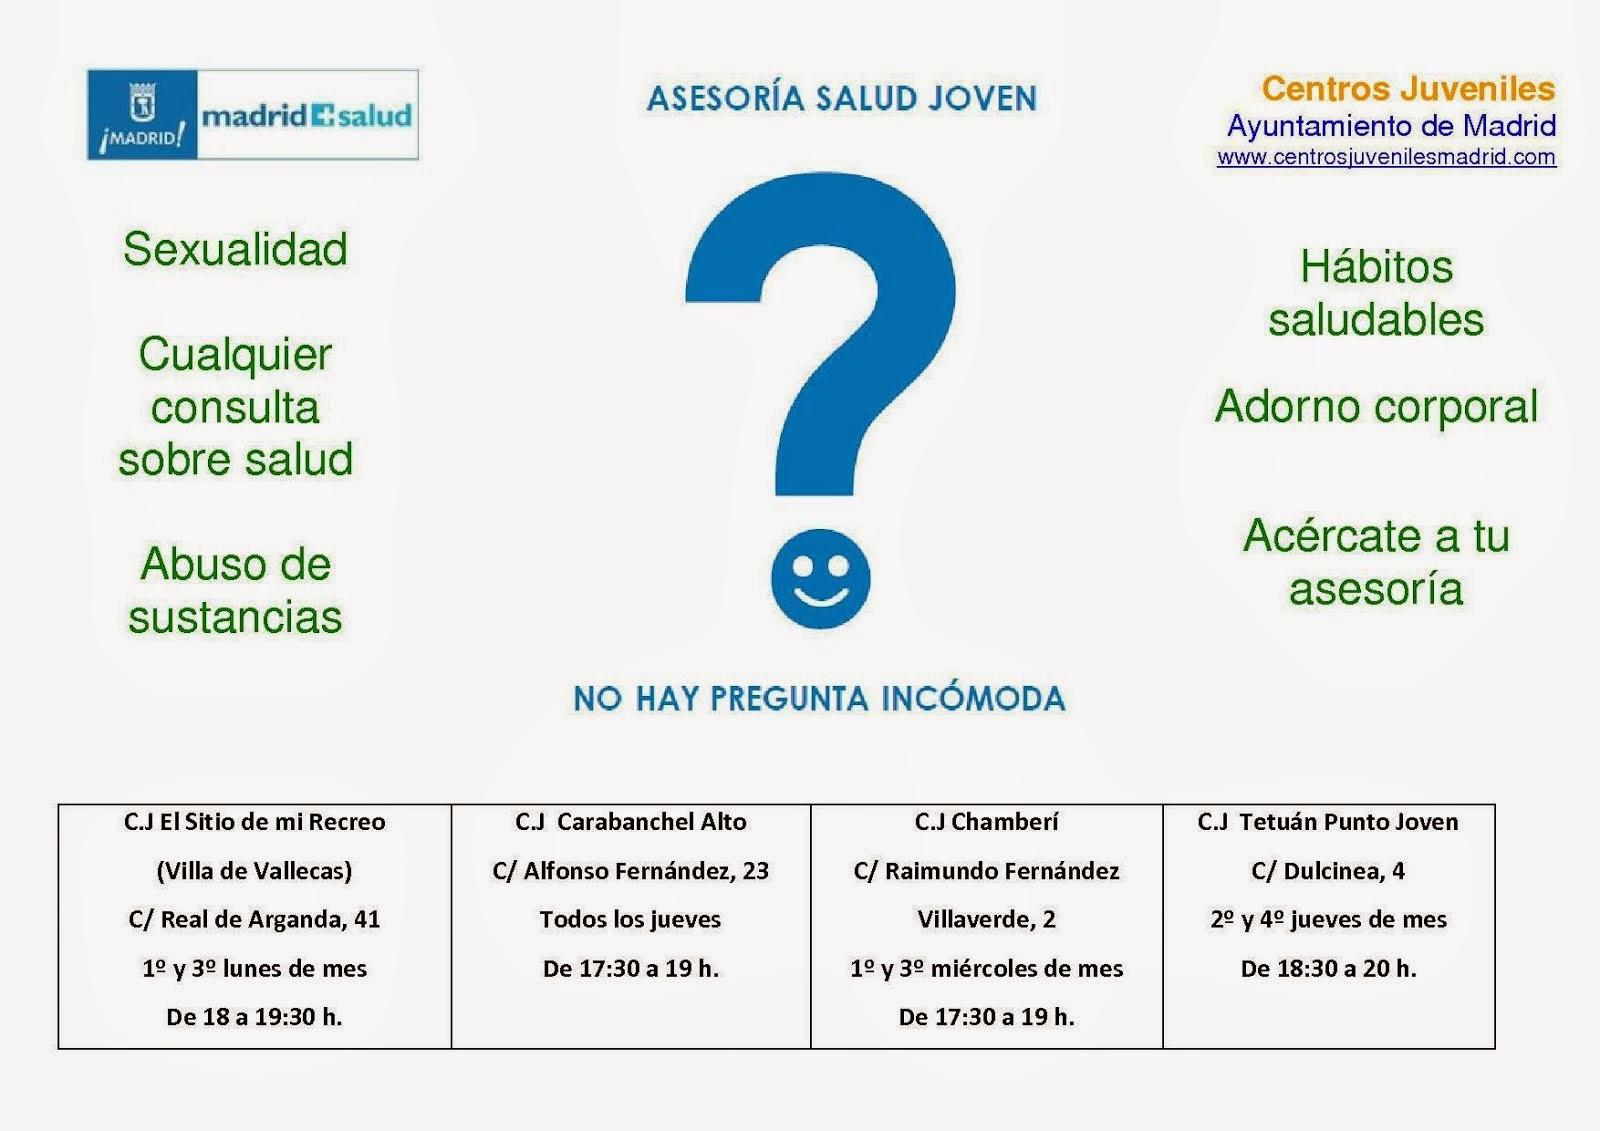 Asesorías de Salud Joven en los Centros Juveniles del Ayuntamiento de Madrid